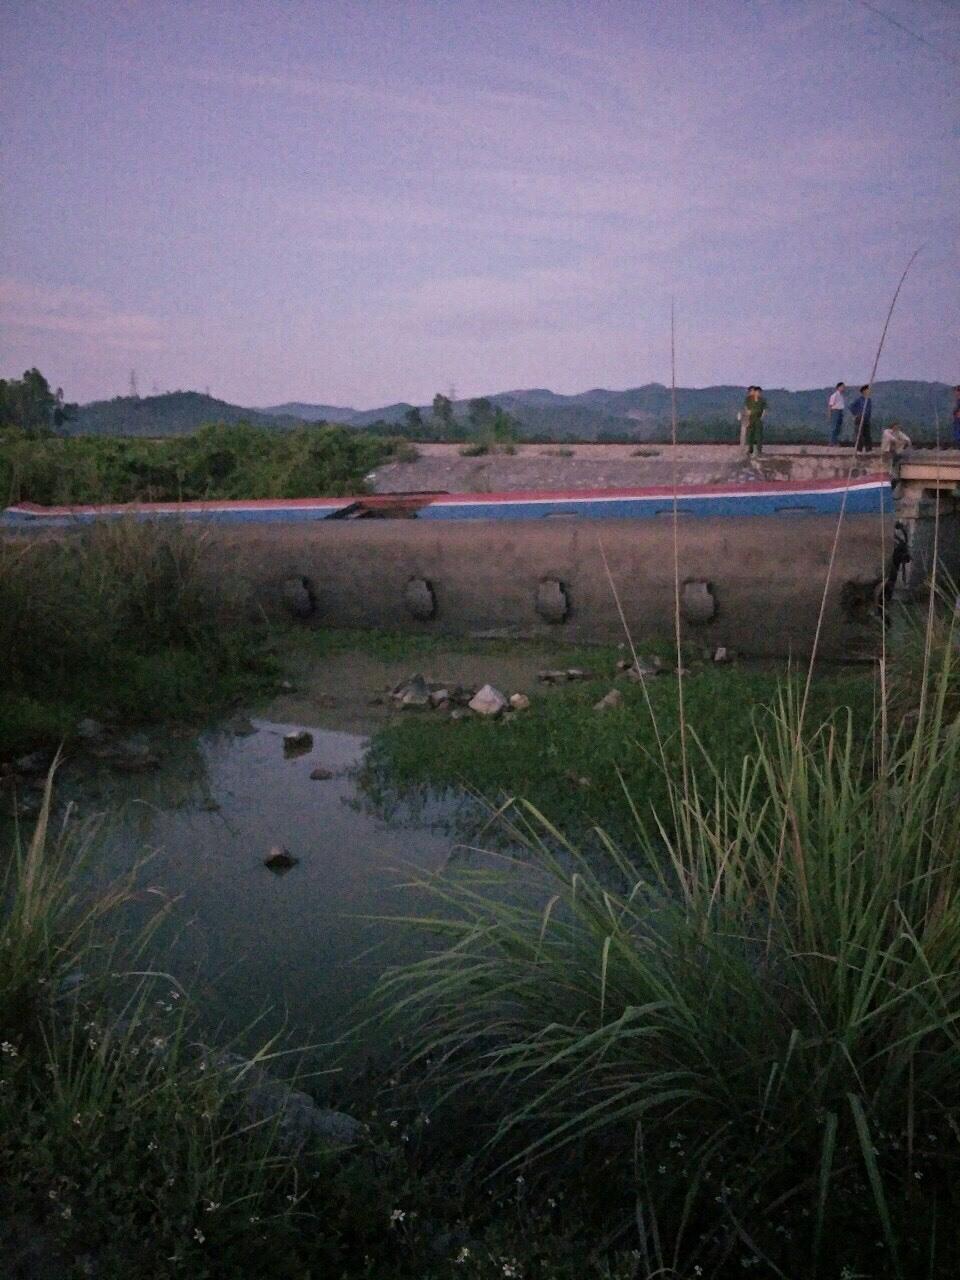 Một toa tàu bị lật ngang văng xuống ruộng. Ảnh Nguyễn Thành Chung - CLB yêu Đường sắt Việt Nam